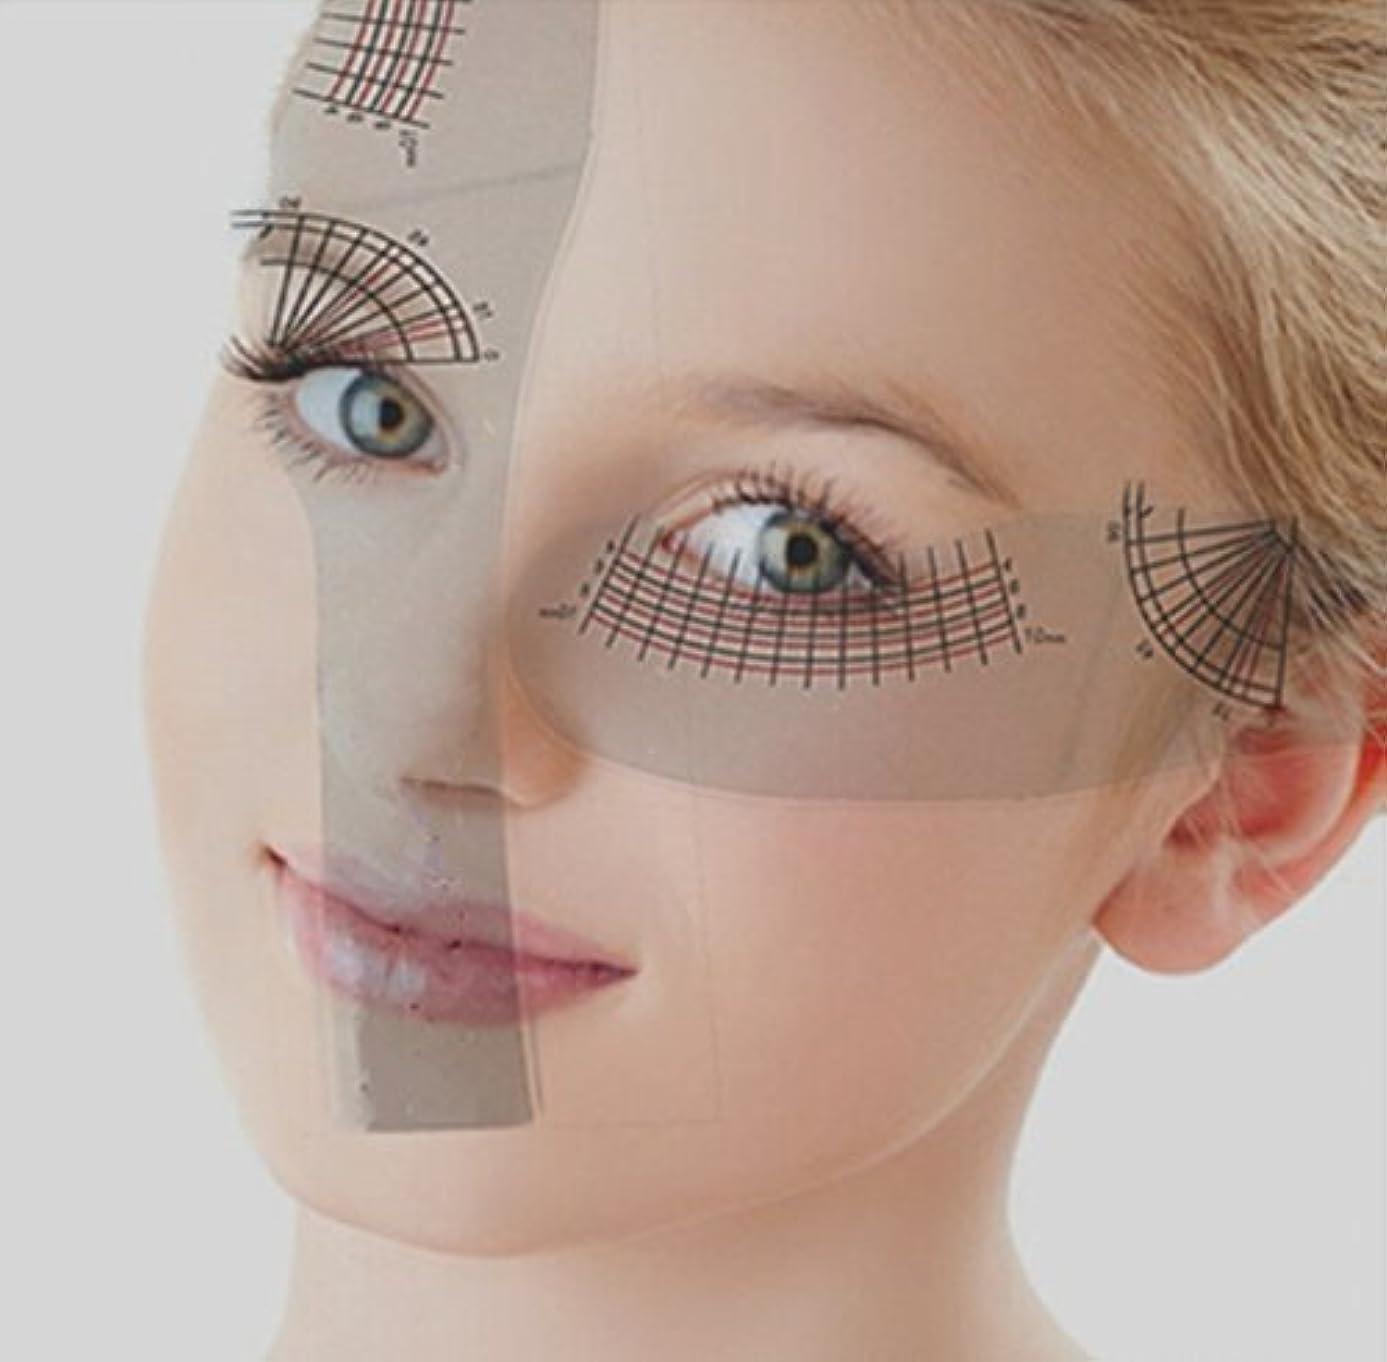 キャラクターブロンズ入場CHENGYIDA 5個 クリア プラスチック製 アイラッシュ  つげまつげ カール 長さ 測定 定規 実用的なツール 定規 見やすい方眼定規